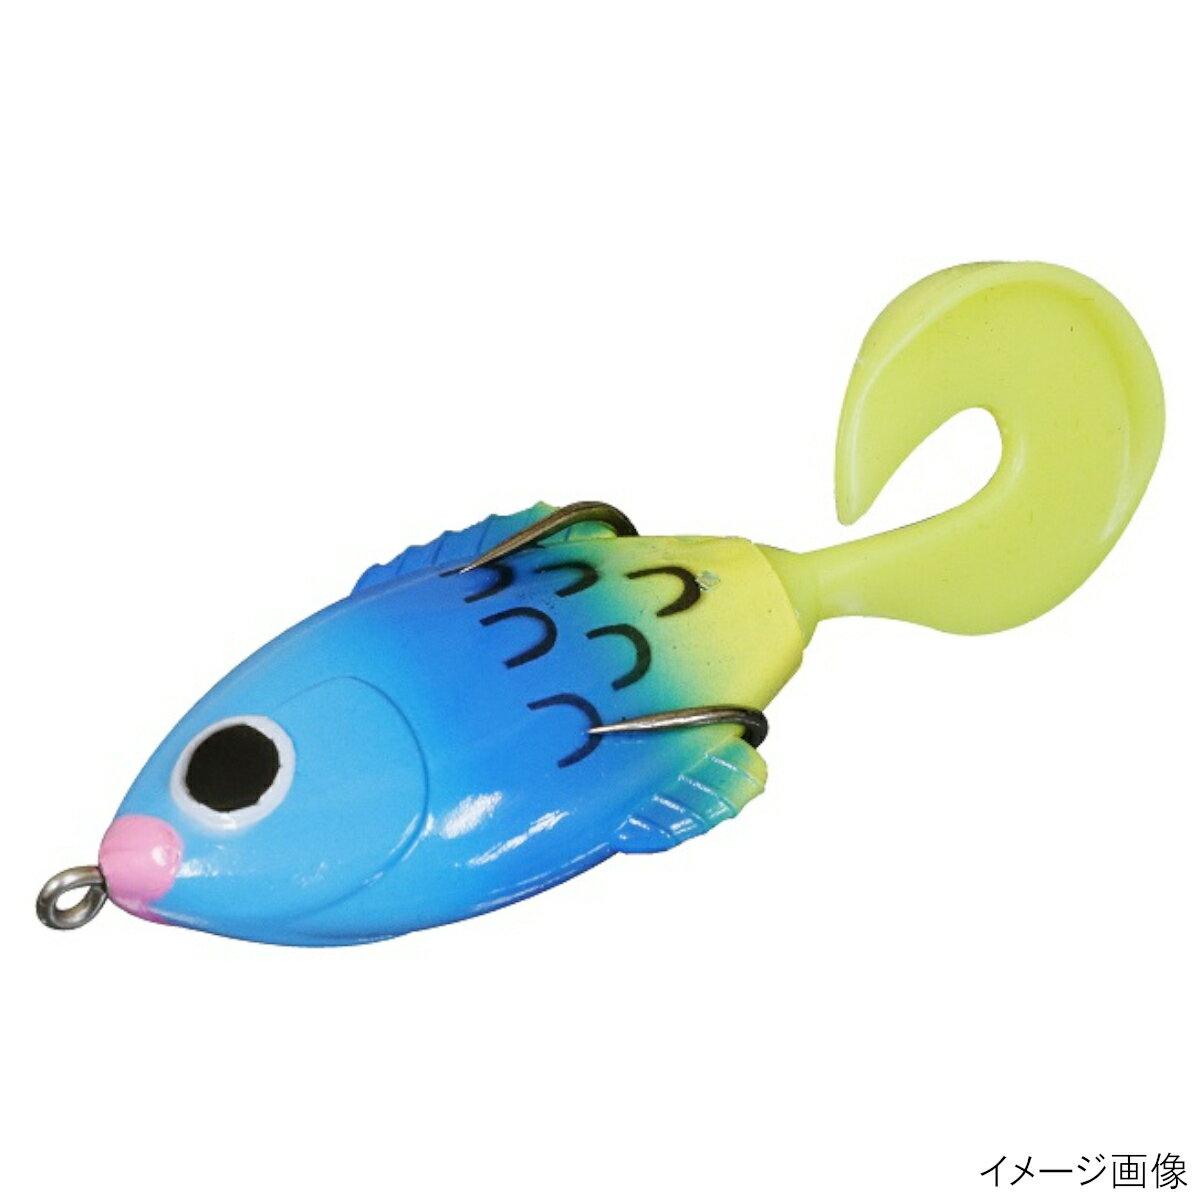 【毎日安い】ジャッカル 釣りよかコラボルアー ボトラーグリンチ 釣りよかくん